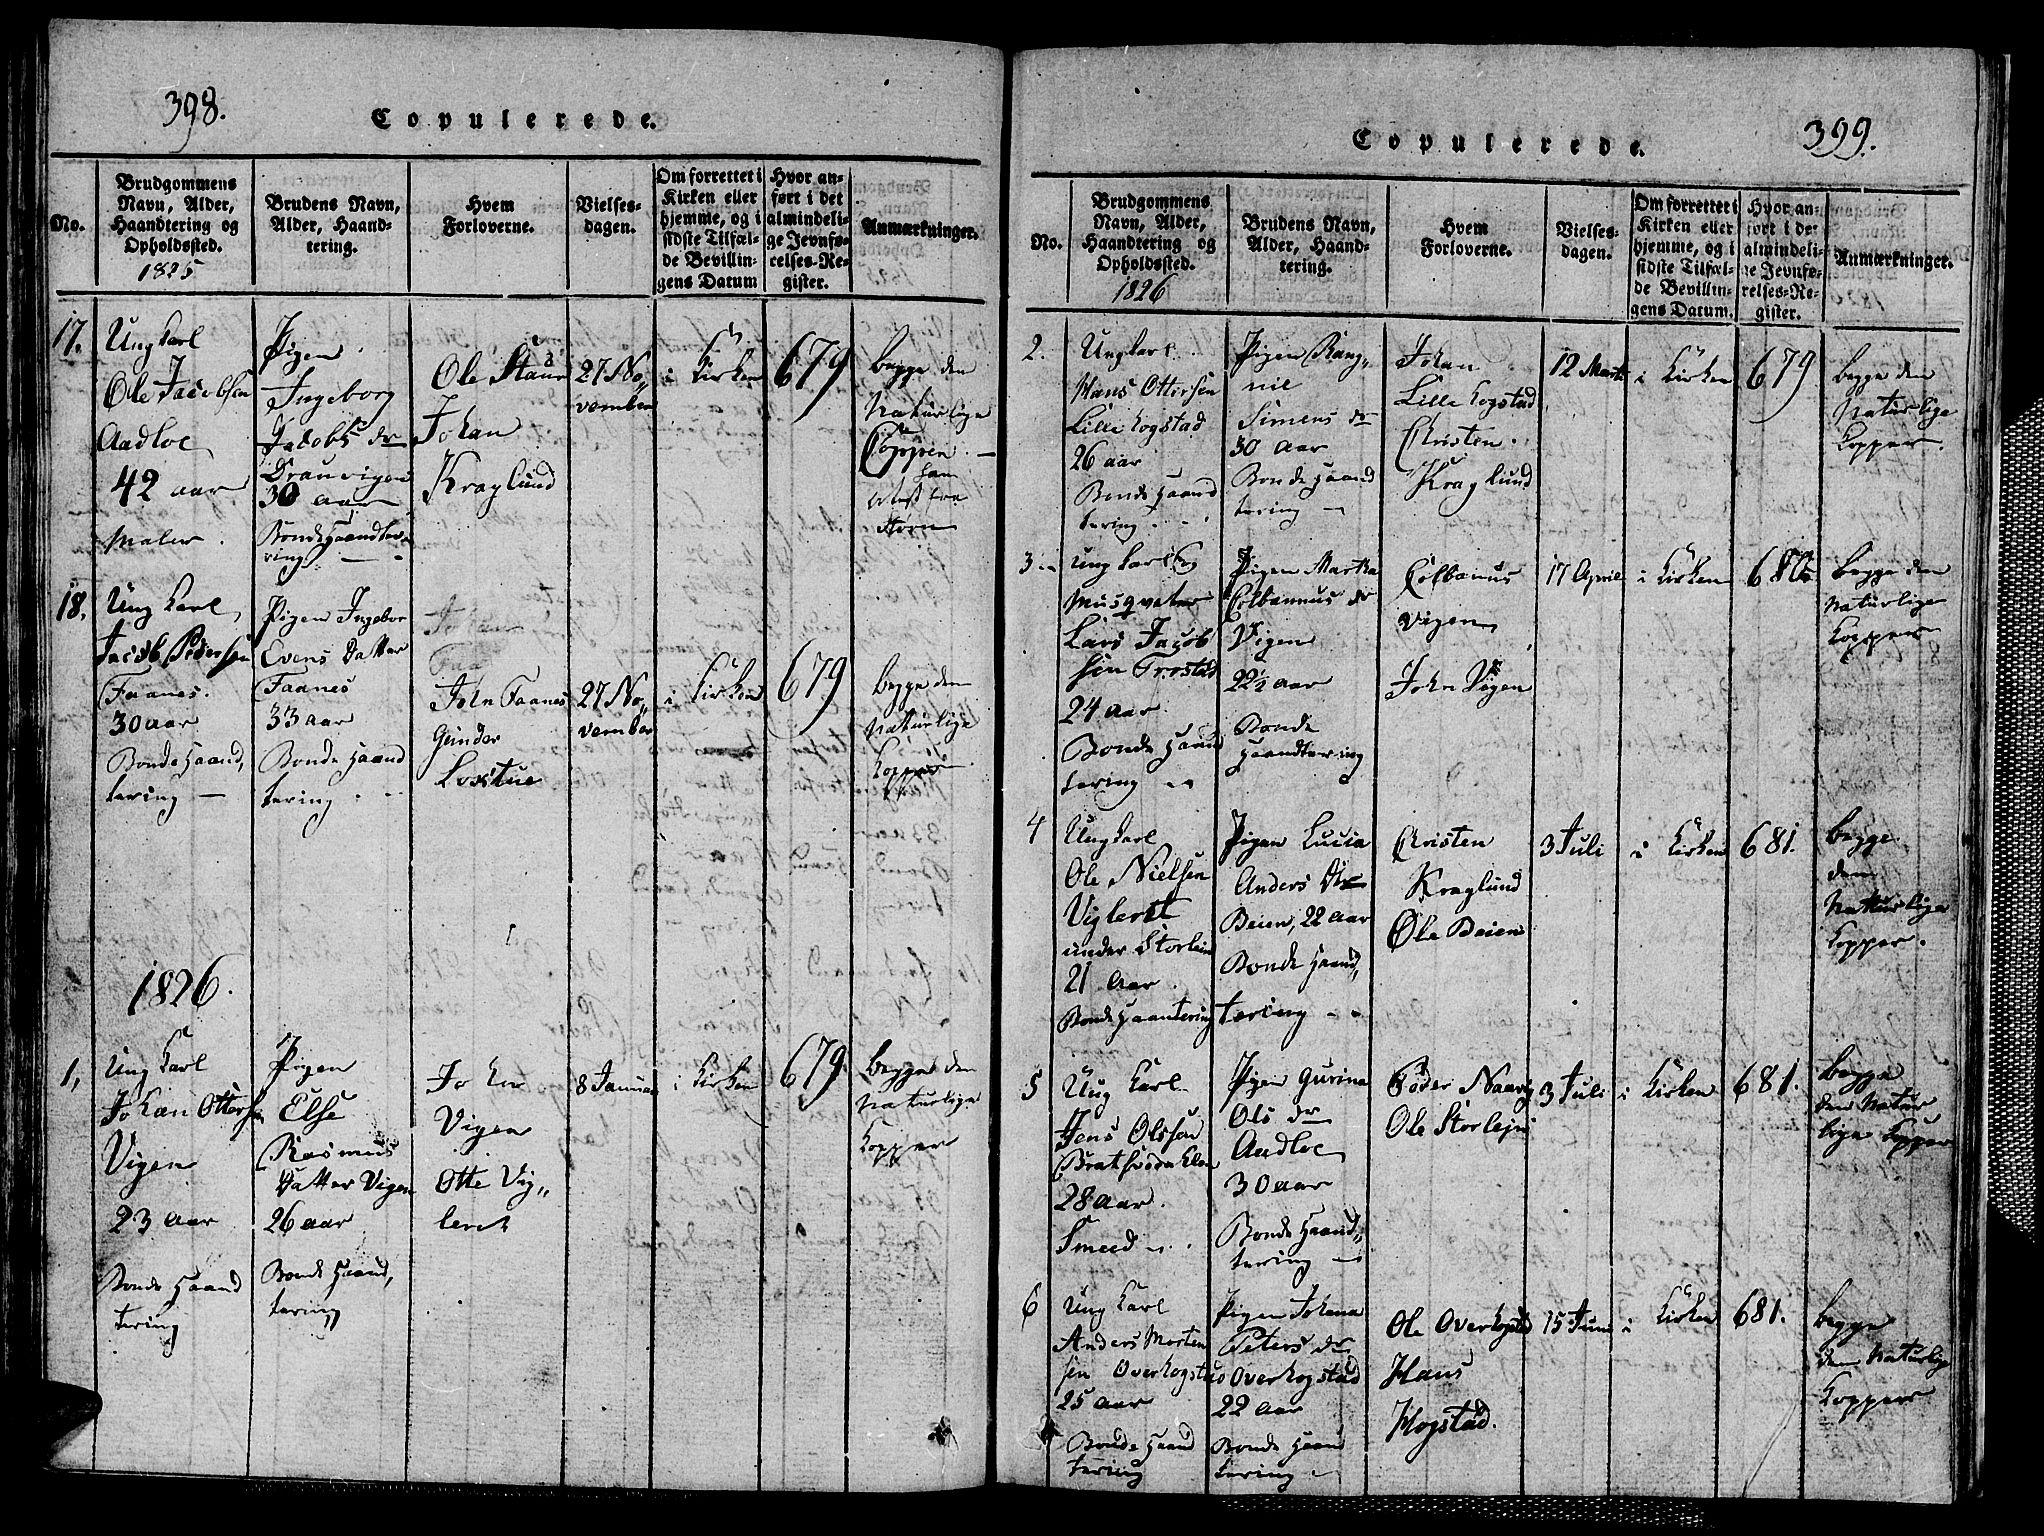 SAT, Ministerialprotokoller, klokkerbøker og fødselsregistre - Nord-Trøndelag, 713/L0124: Klokkerbok nr. 713C01, 1817-1827, s. 398-399